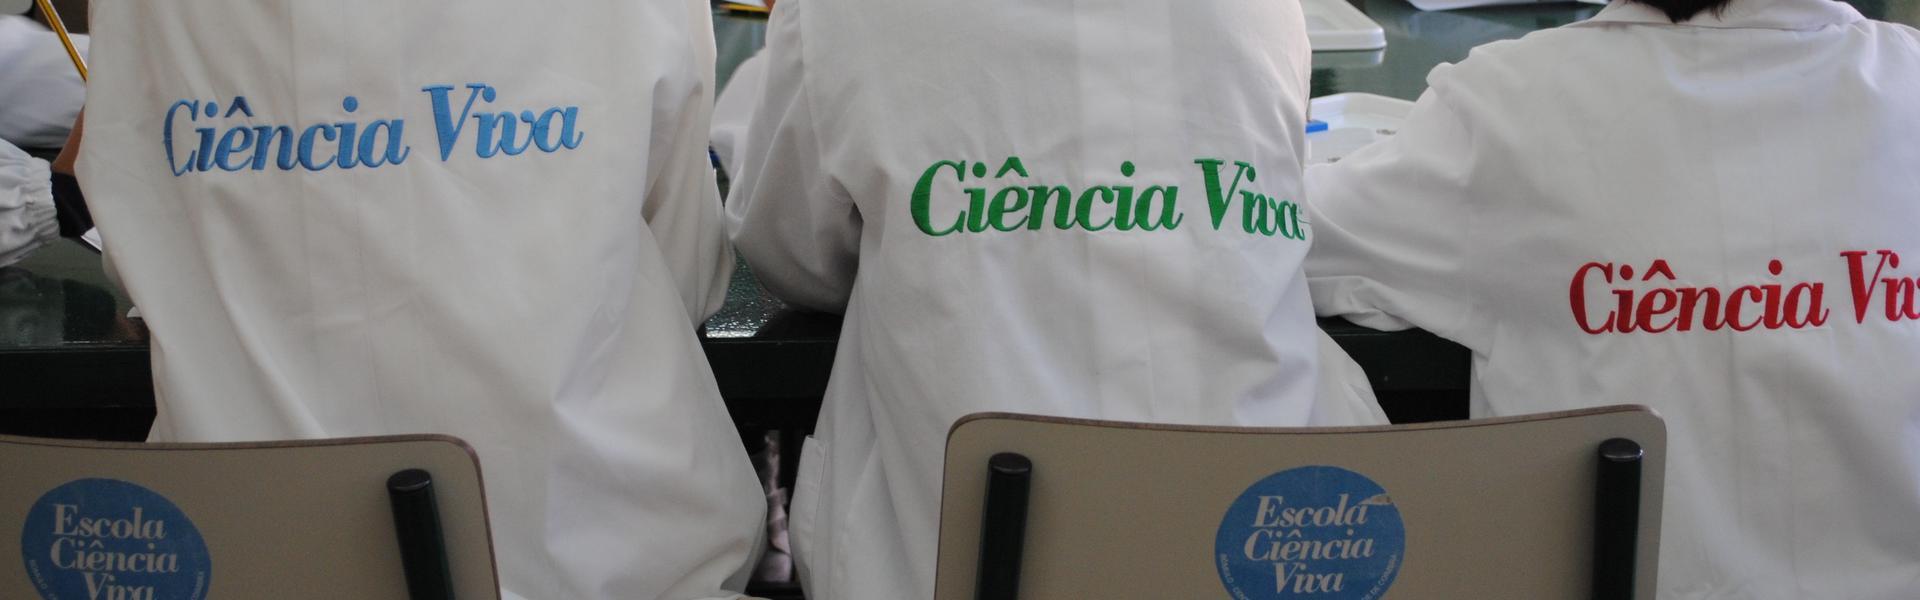 Escola Ciência Viva